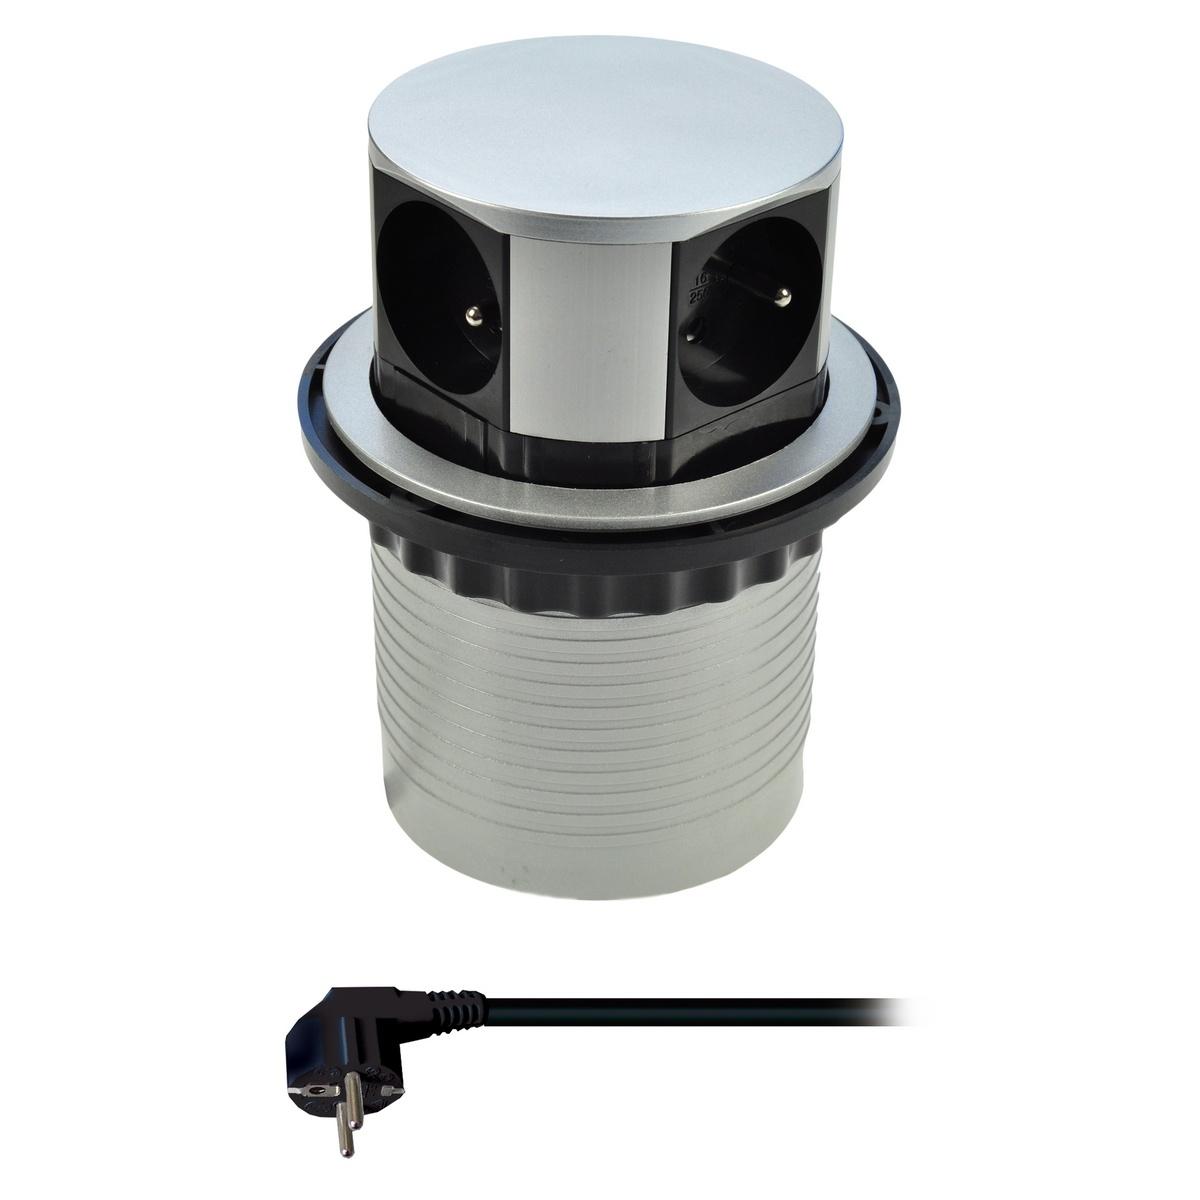 Solight PP100 predlžovací prívod 4 zásuvky strieborný 1,5m výsuvný blok zásuviek kruhový tvar